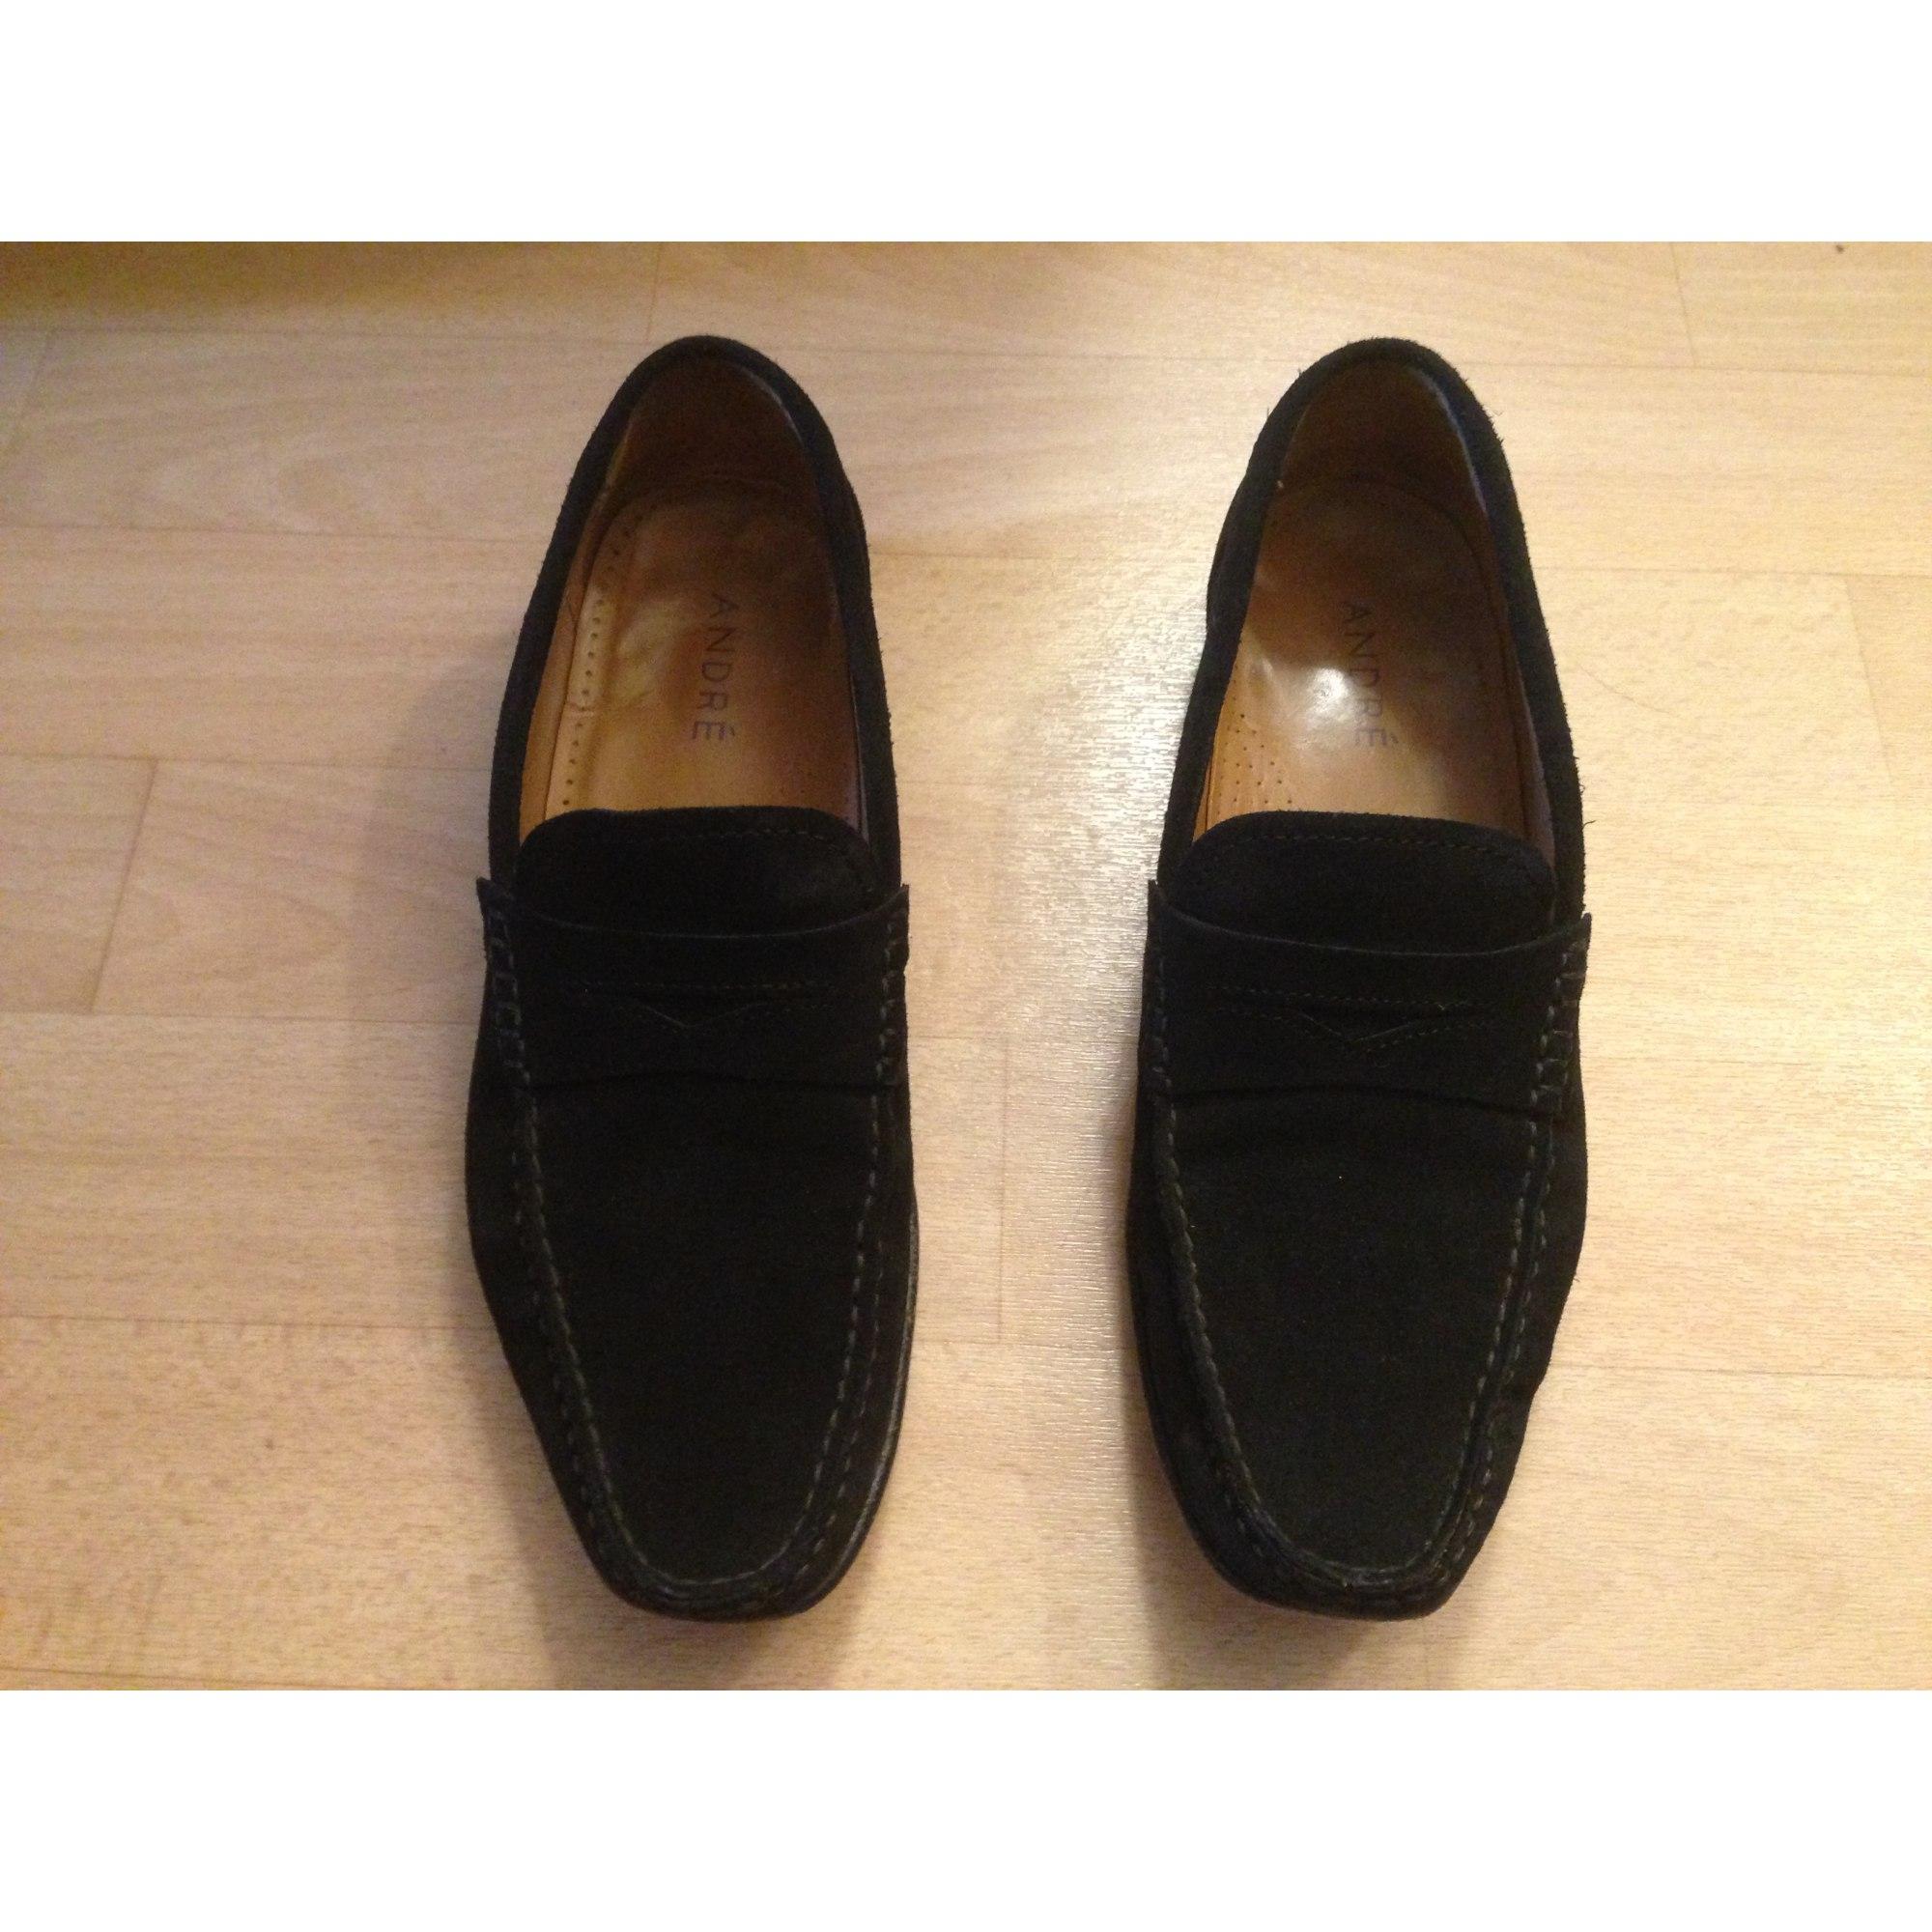 d6cf41a874 Chaussures à lacets ANDRÉ 40 noir - 7684163